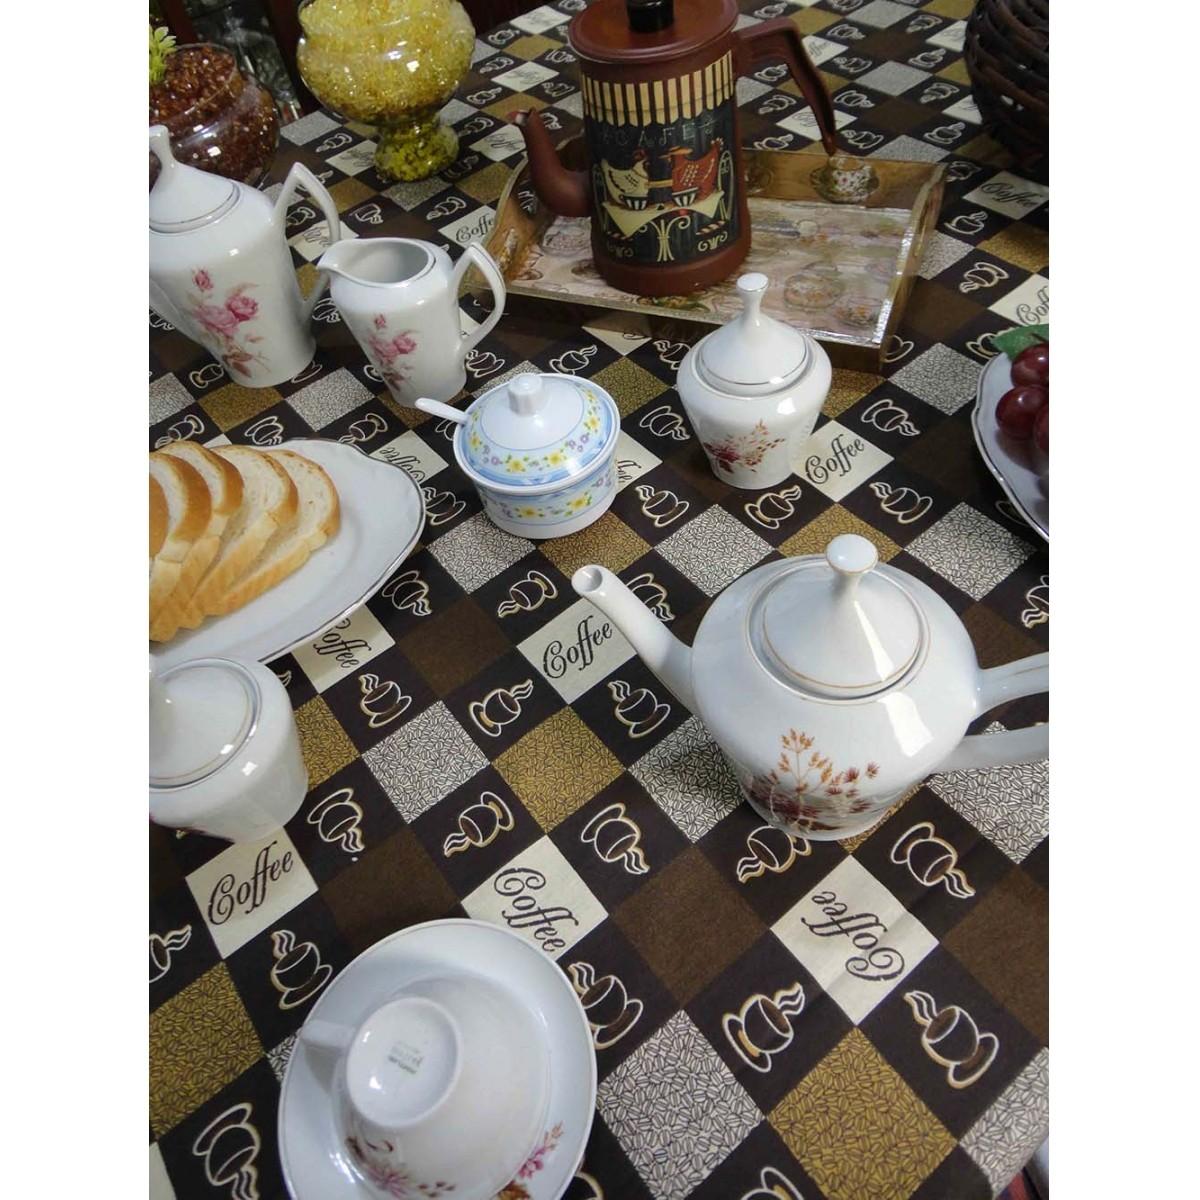 Toalha De Mesa Quadrada Café 1,50m X 1,50m  - RECANTO DA COSTURA